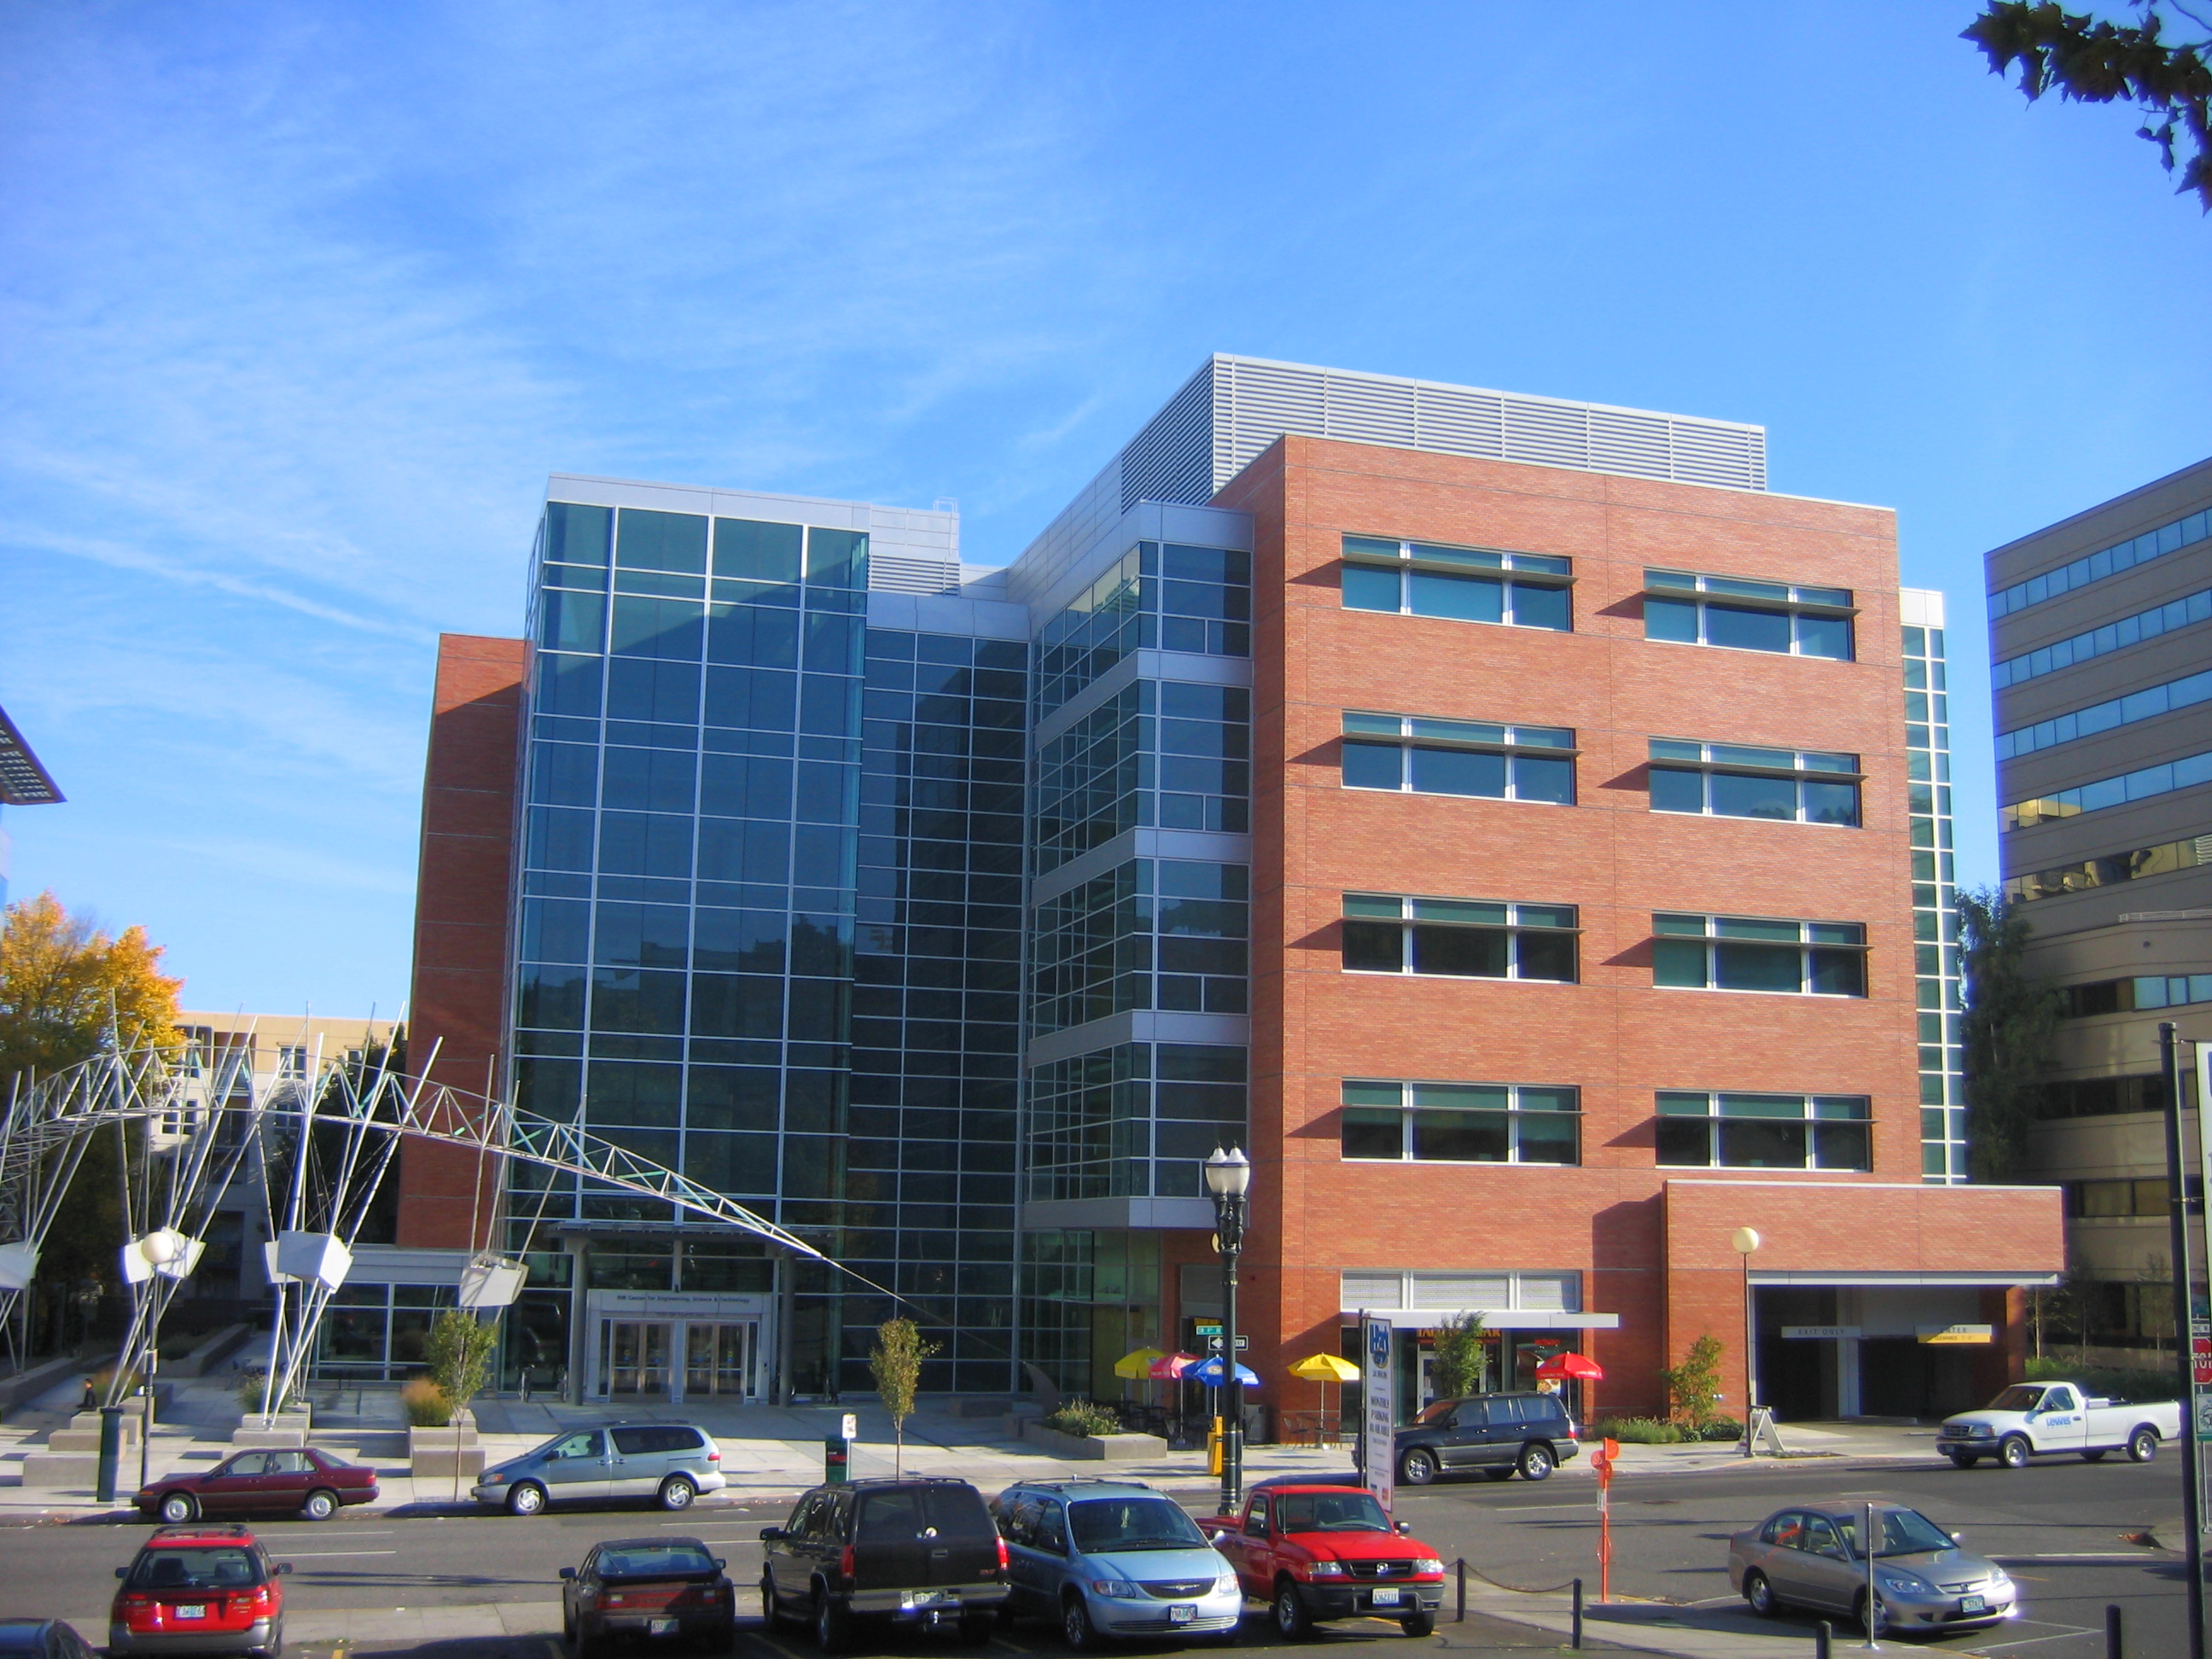 Fileportland State University Ebg  Wikipedia